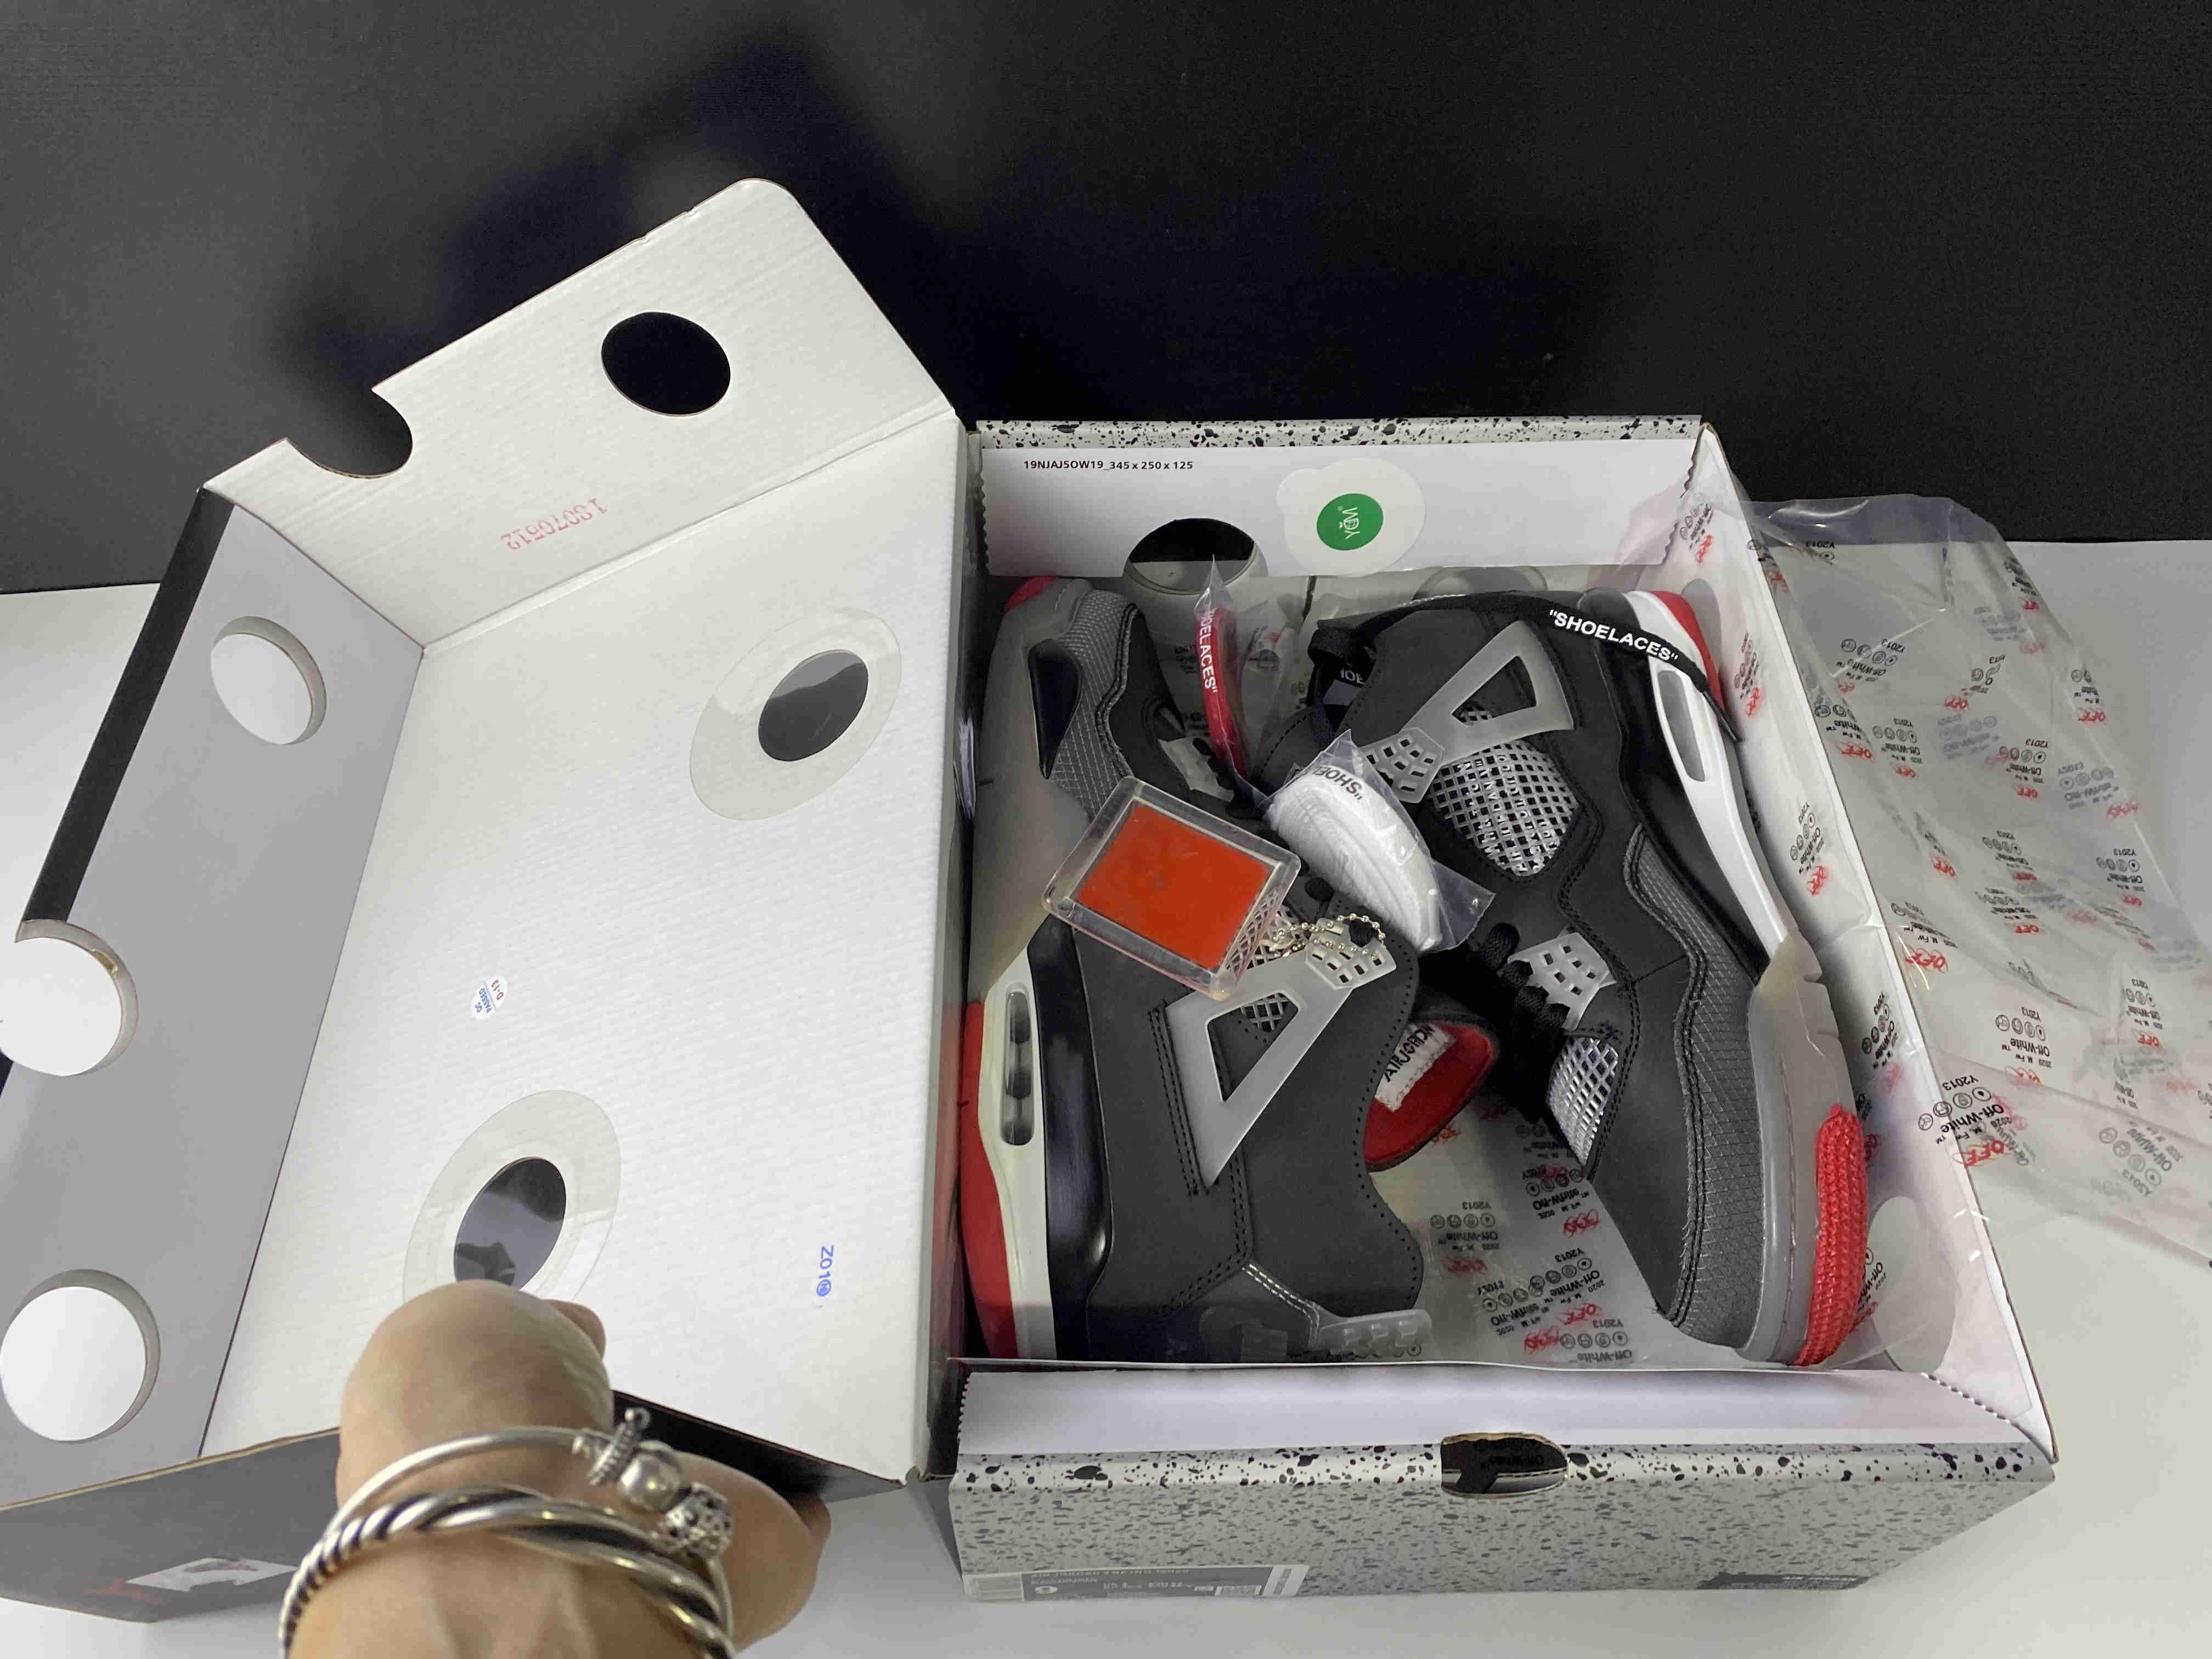 Yeni Erkekler 4S Kapalı Basketbol 4 Bred Siyah Beyaz Tasarımcı Lüks Koşu Spor Ayakkabıları Spor Üst Kalite Sneakers ile Kutusu Ayakkabı